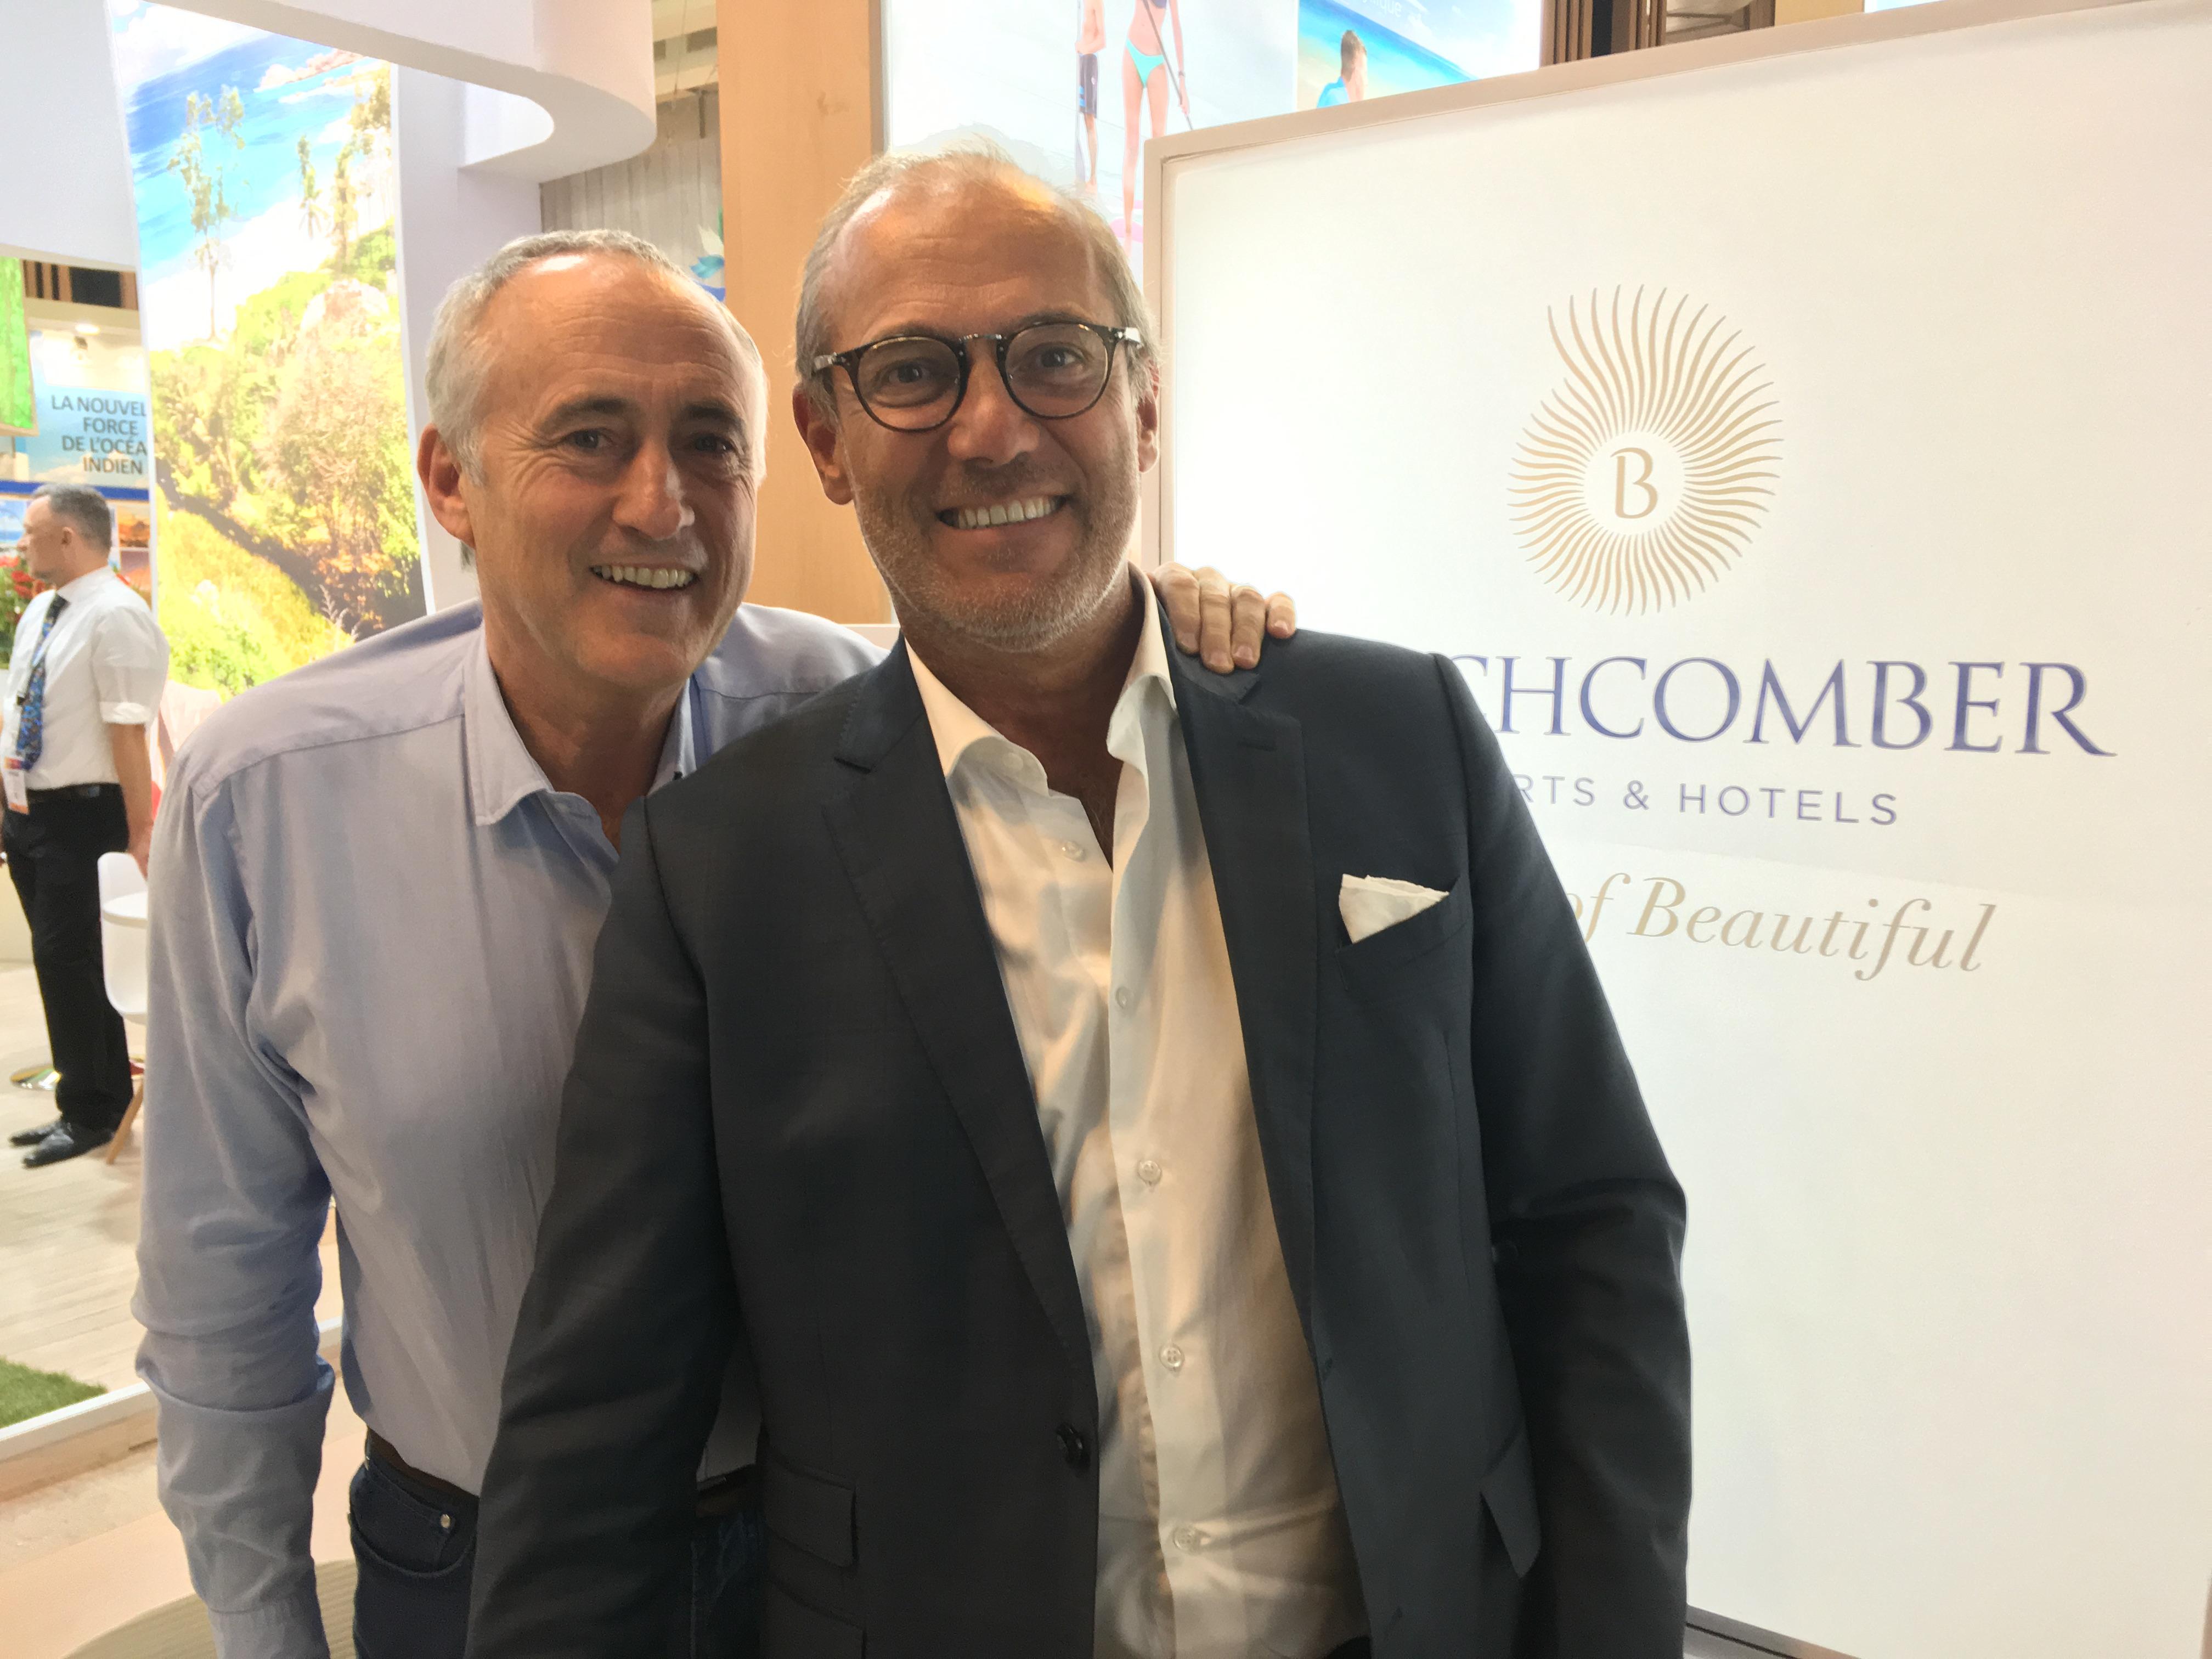 François Venin, directeur commercial et marketing et Rémi Sabarros, directeur de Beachcomber France, Belgique et Luxemourg sur leur stand à l'édition 2018 de l'IFTM Top Resa. - CL